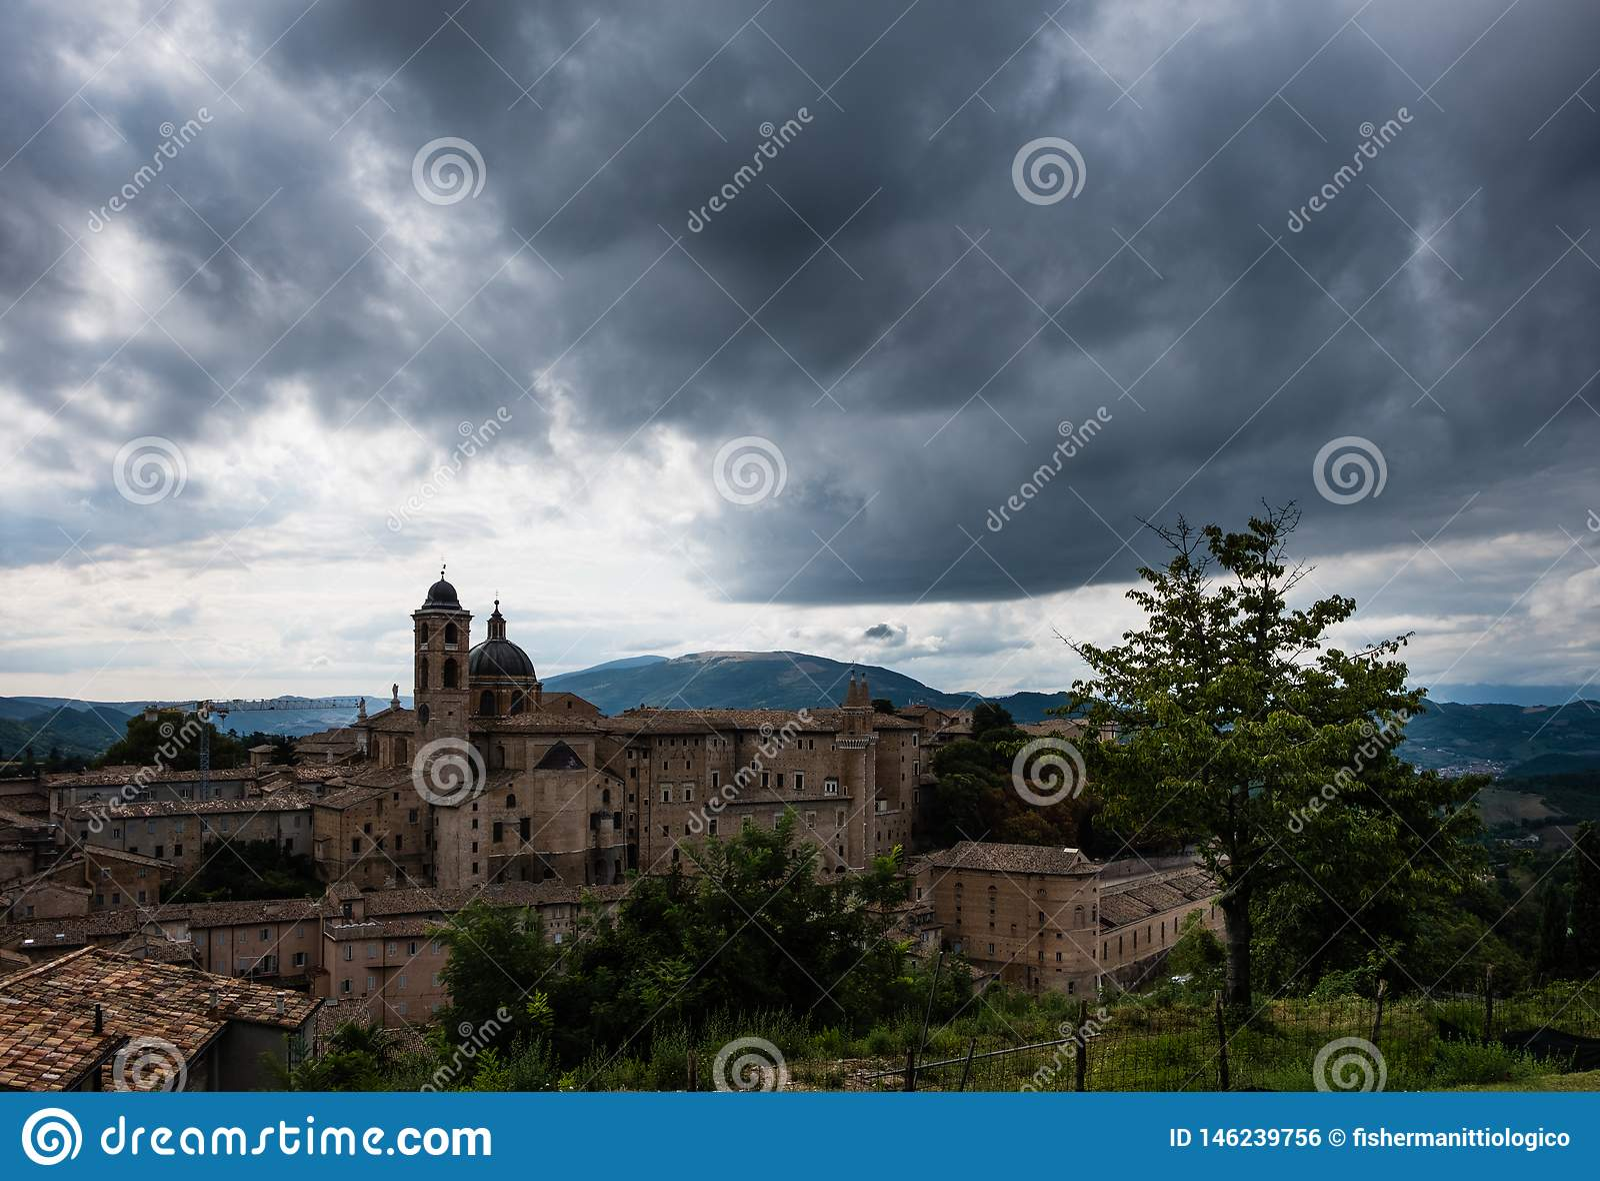 Vista panor?mica do pal?cio ducal de Urbino em It?lia central com um c?u dram?tico